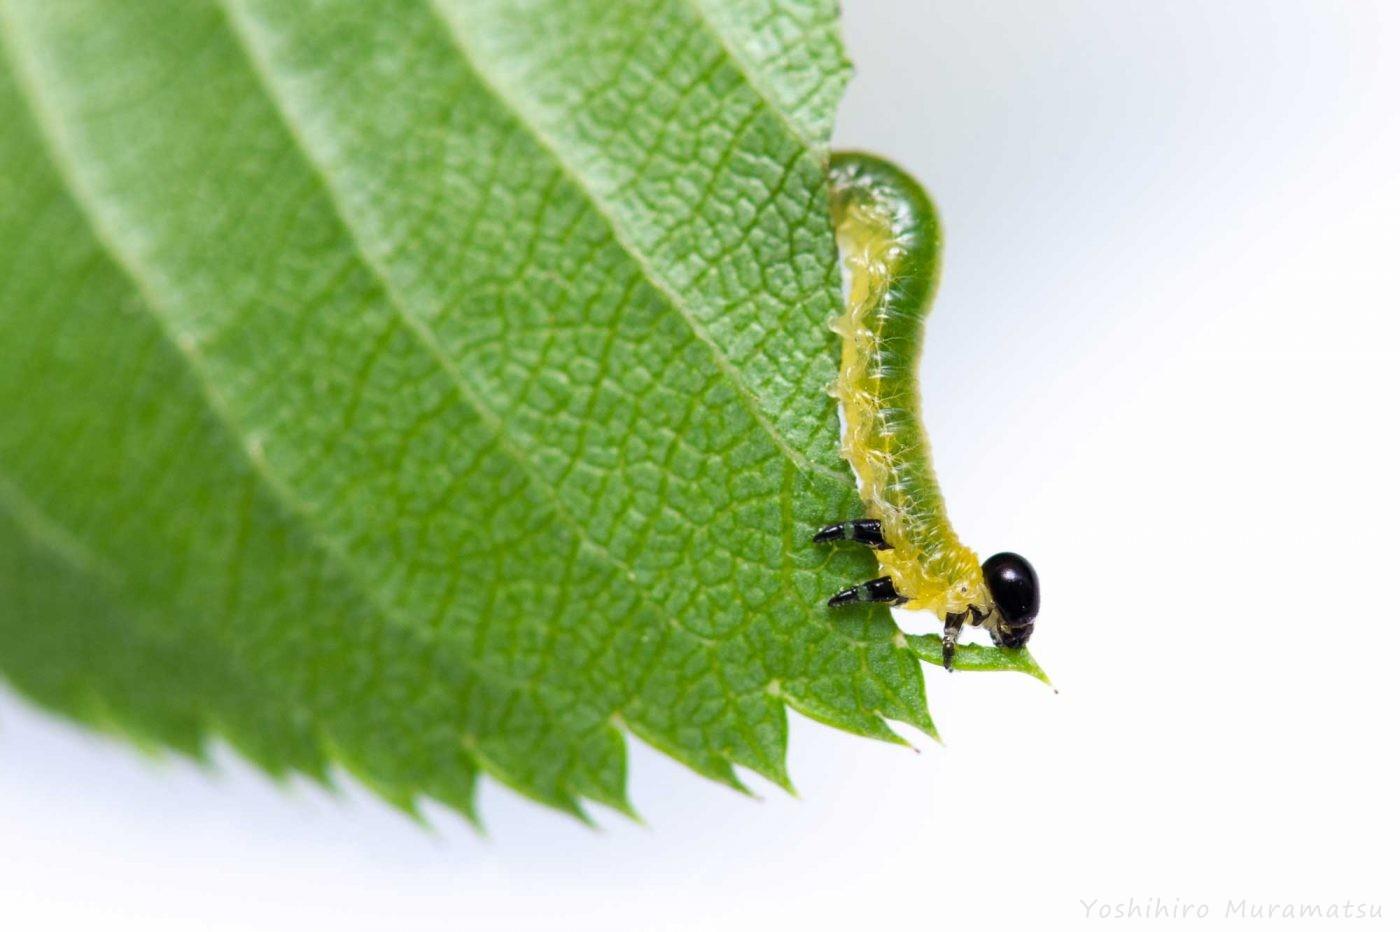 ハバチの飼育の写真